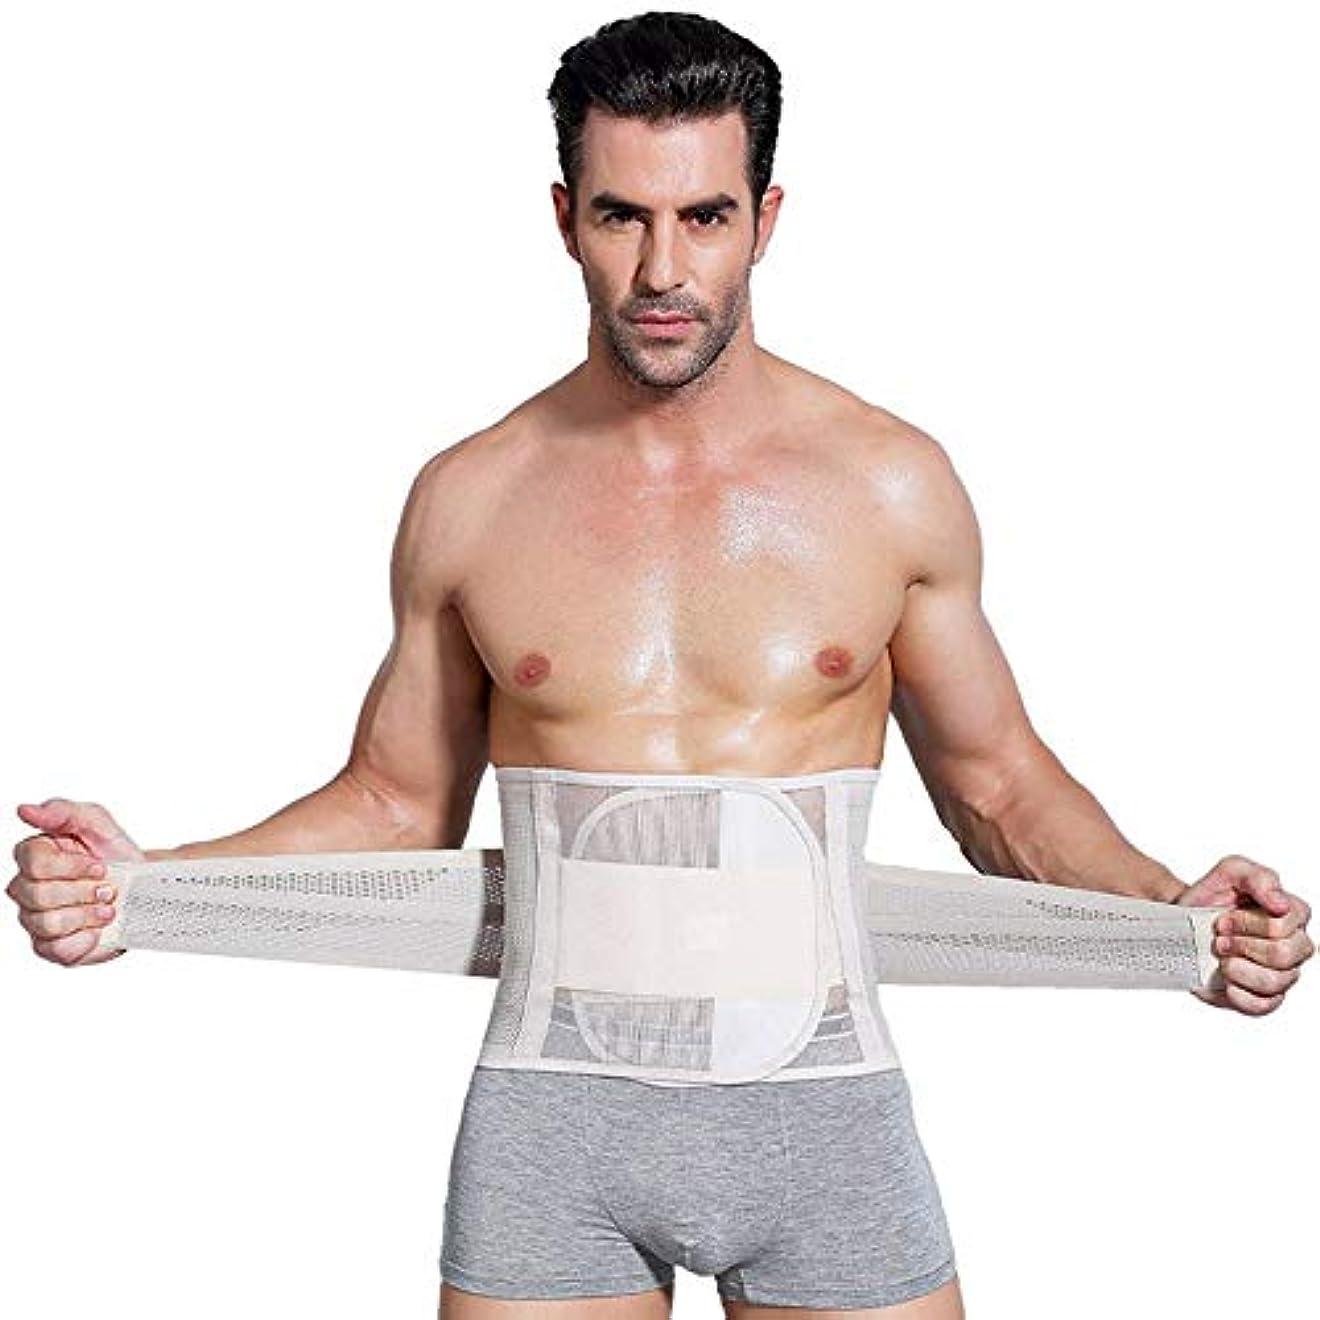 サスティーン広範囲に断言する男性ボディシェイパーコルセット腹部おなかコントロールウエストトレーナーニッパー脂肪燃焼ガードル痩身腹ベルト用男性 - 肌色M